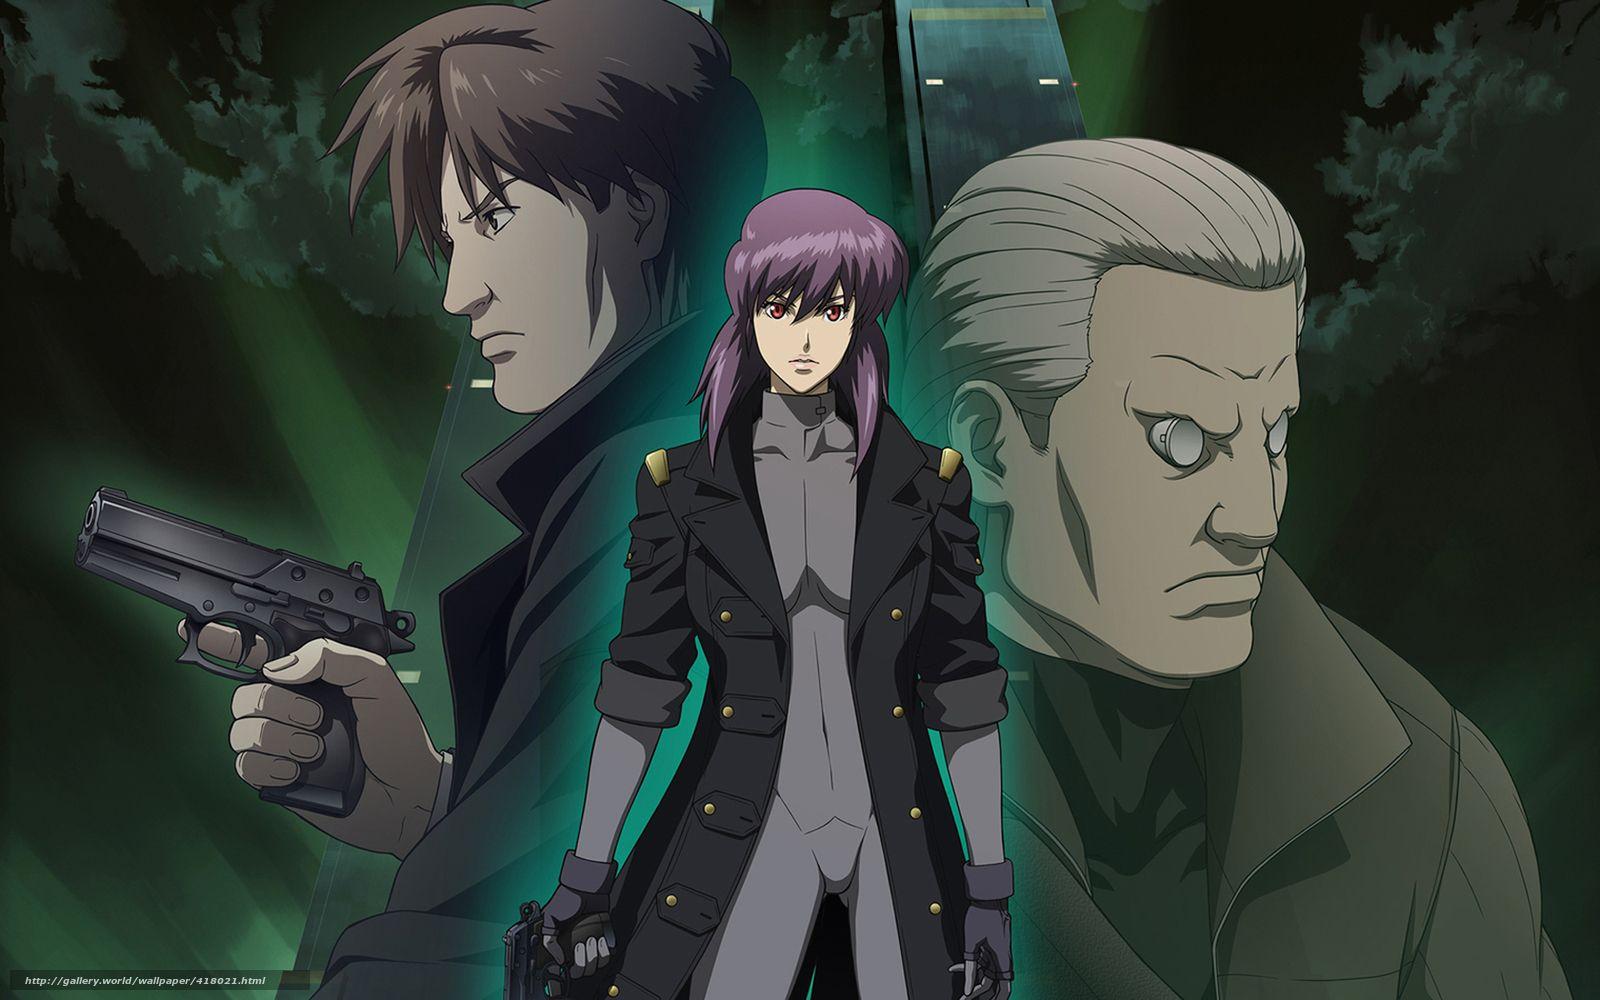 Motoko Kusanagi, Ghost in the Shell